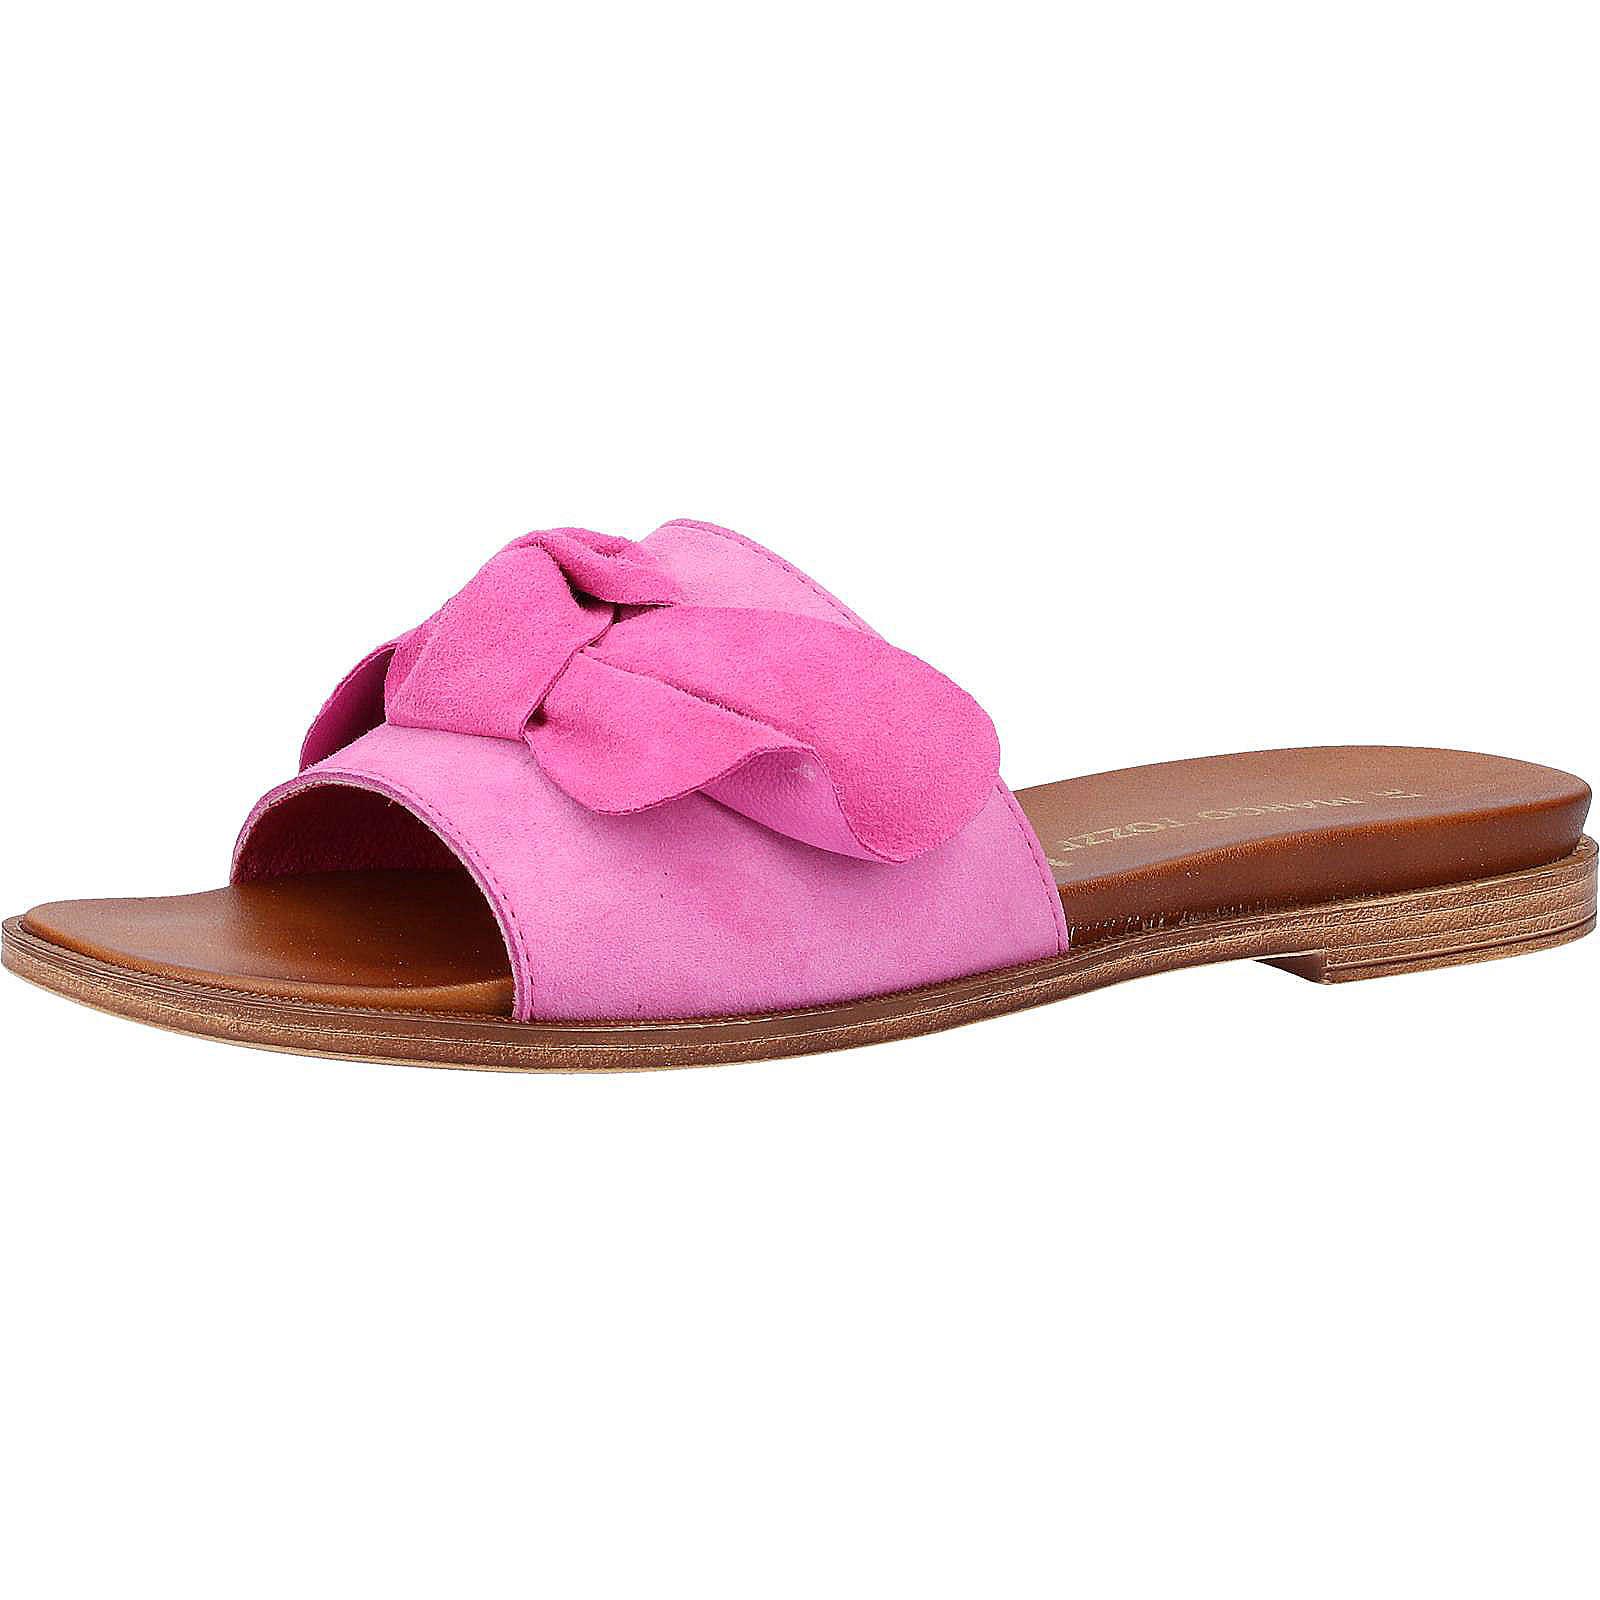 MARCO TOZZI Pantoletten Pantoletten pink Damen Gr. 41